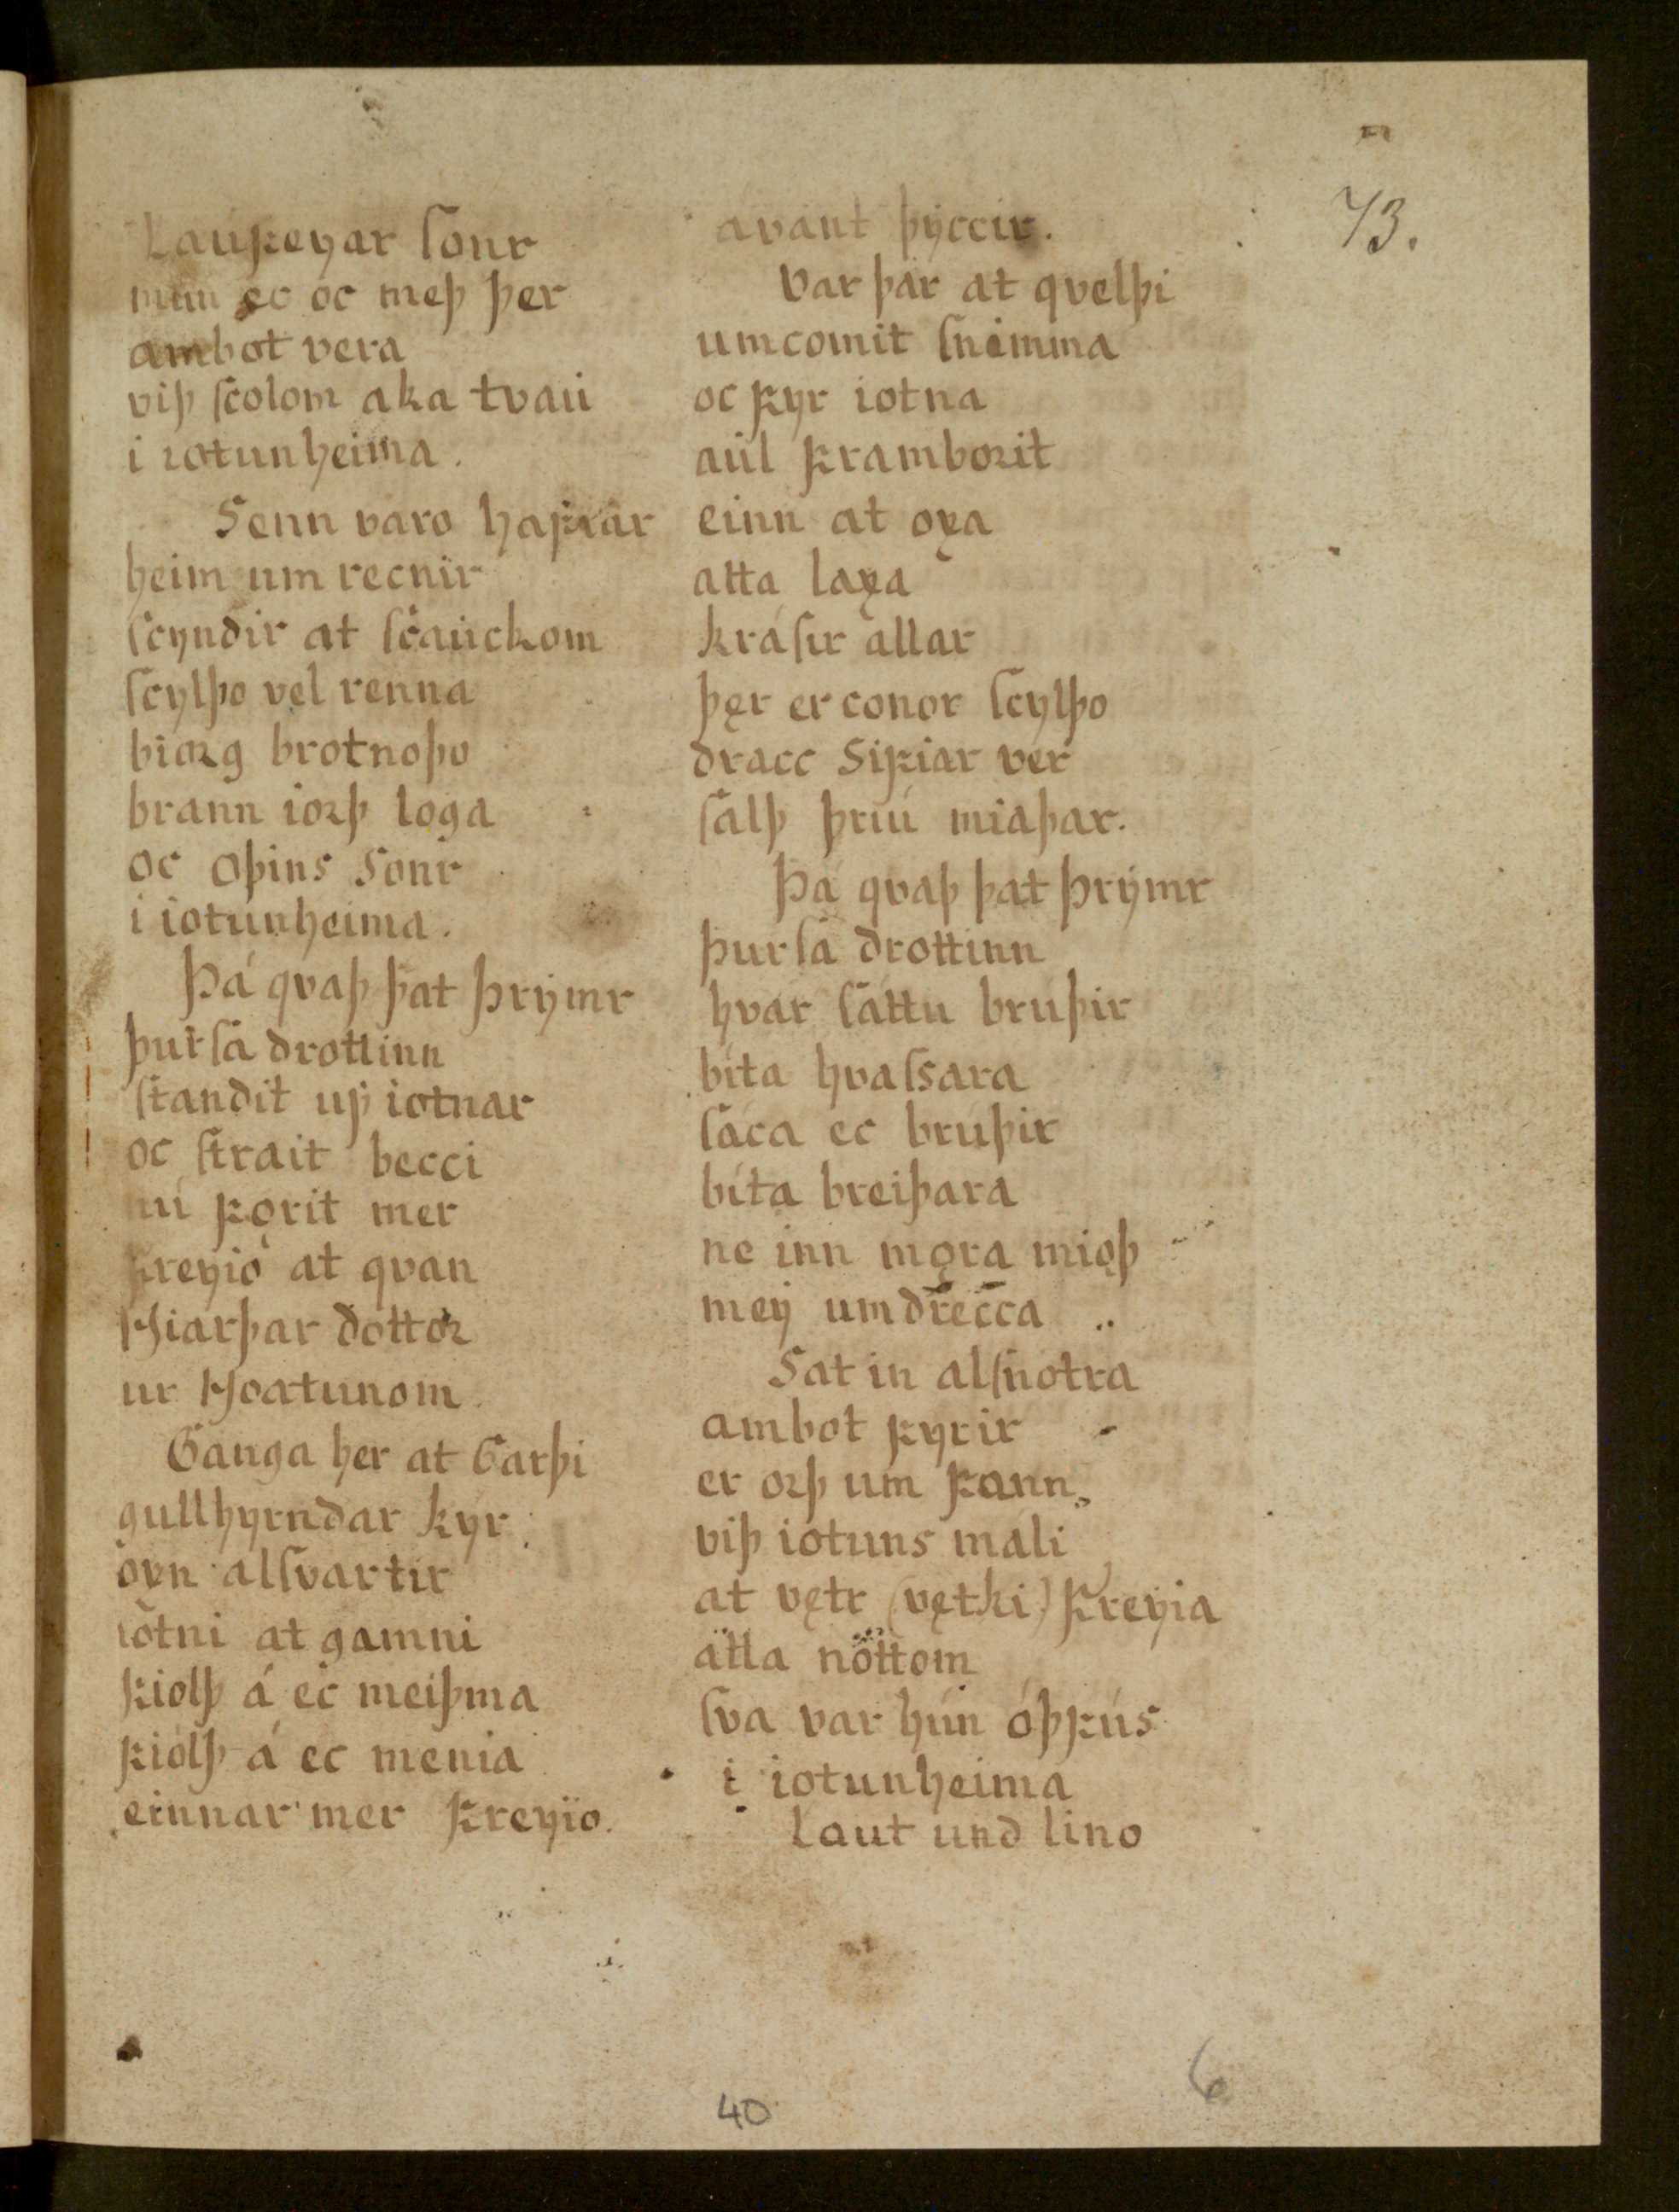 Lbs 1689 4° - 40r